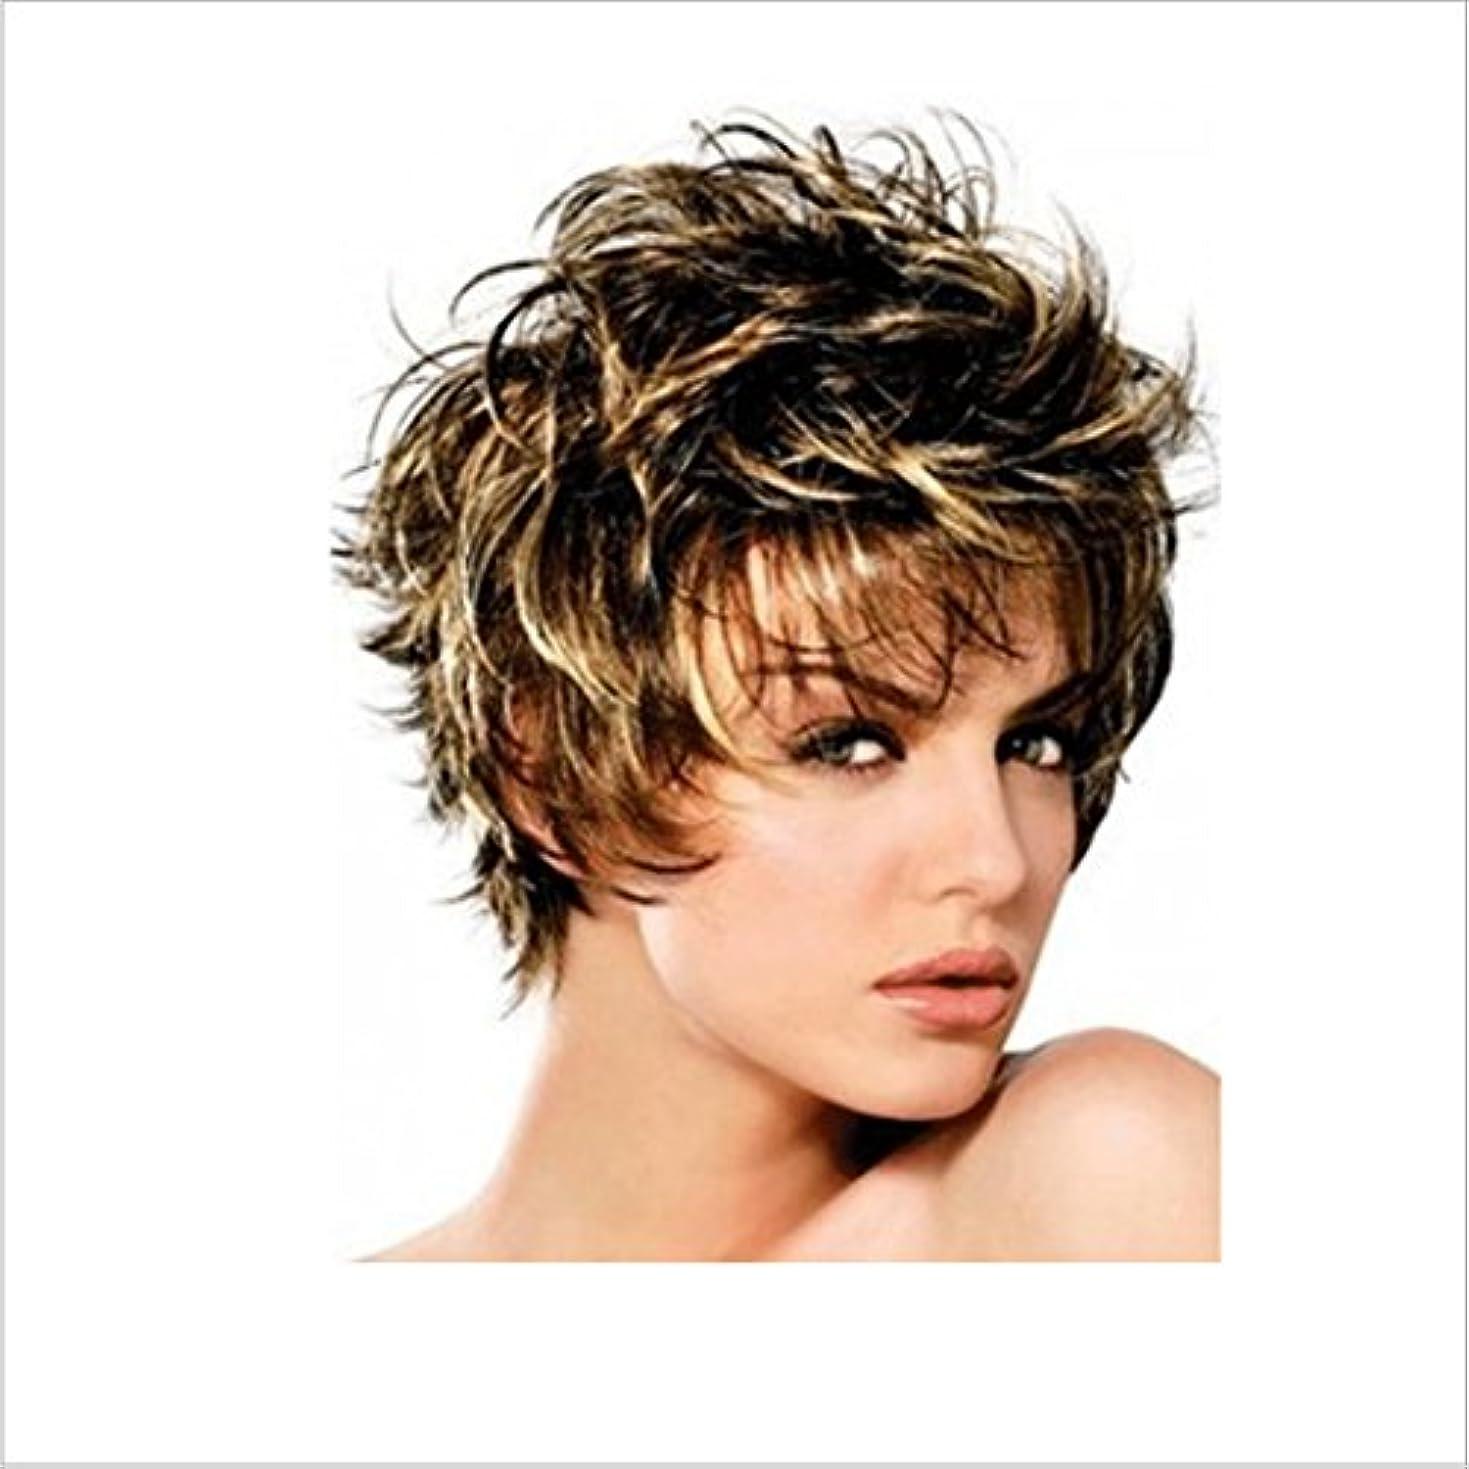 透ける直面する師匠かつら ボボかつら女性用耐熱ウィッグ12インチ/ 9インチ短いテクスチャ部分的なかつら部分的なかつら前髪かつらファッションかつら (色 : Inter-color gold brown silver)